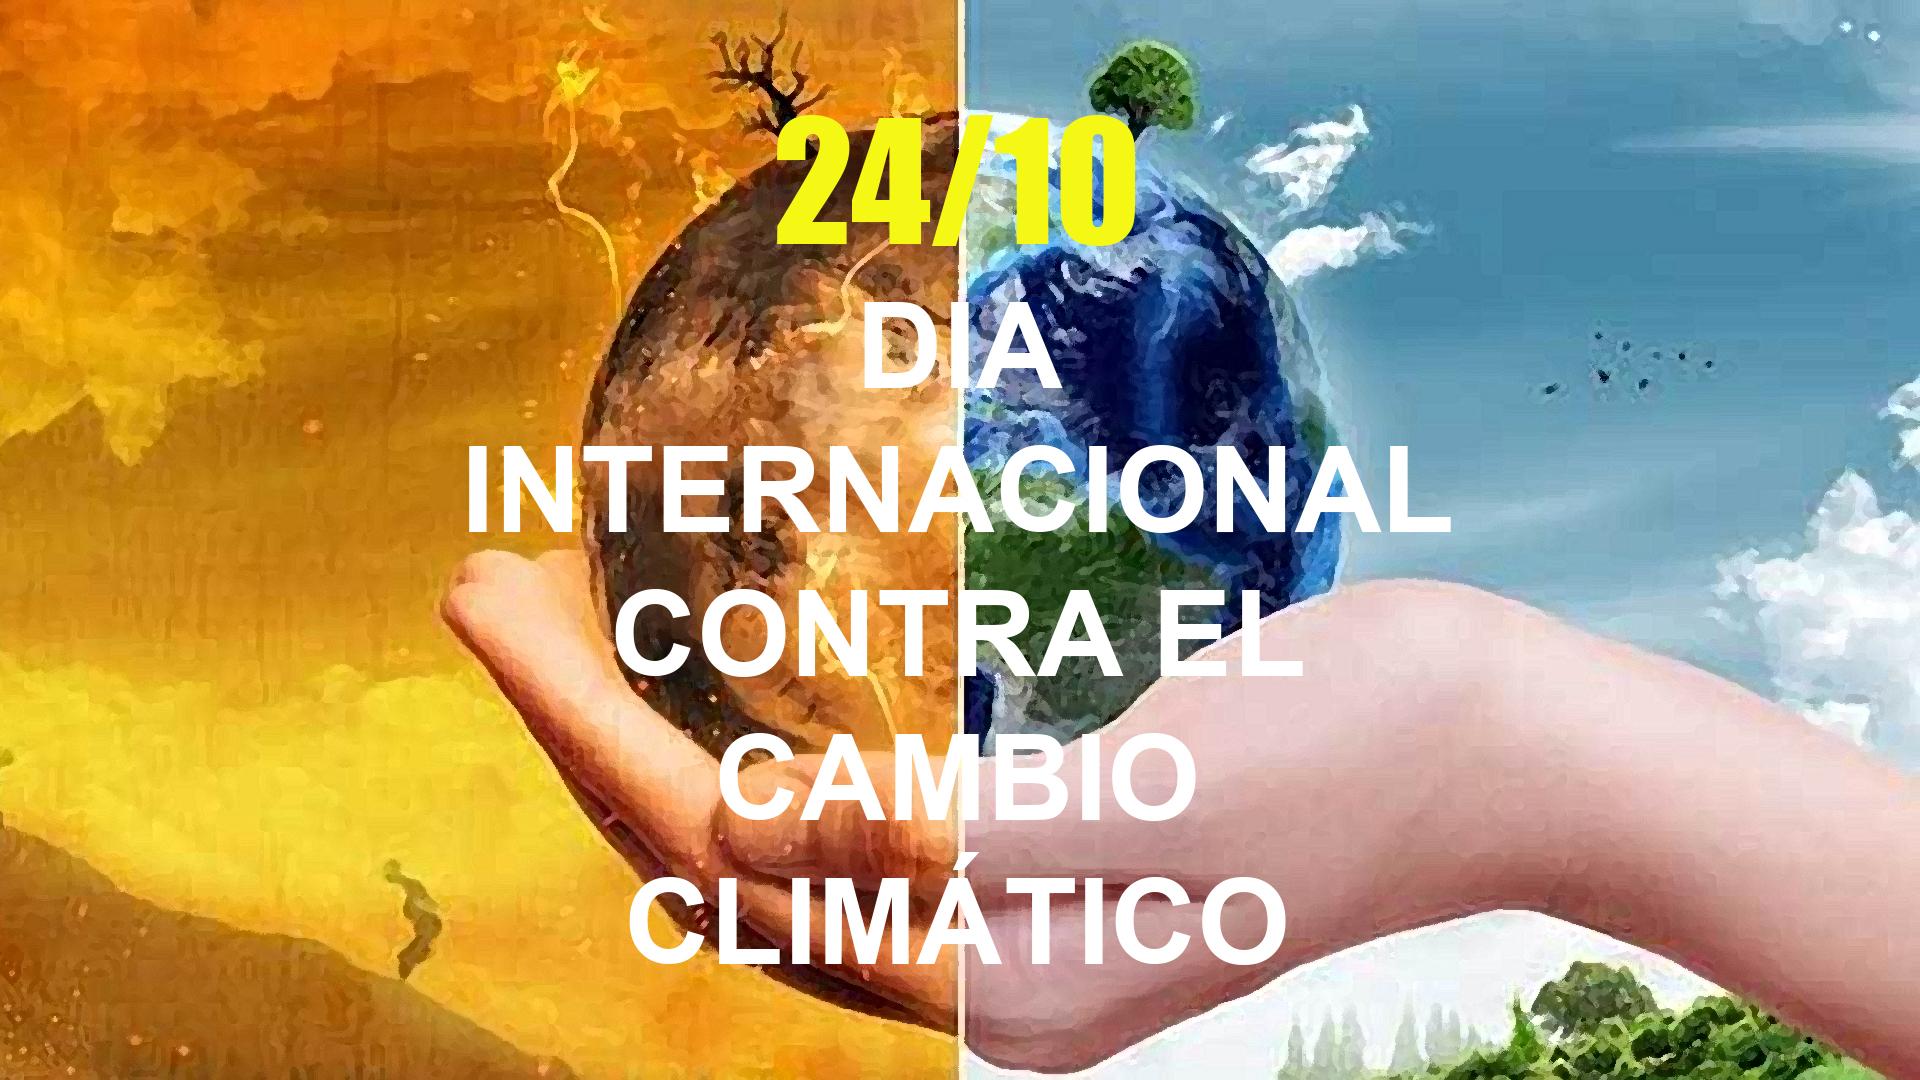 La labor de LKS KREAN contra el Cambio Climático